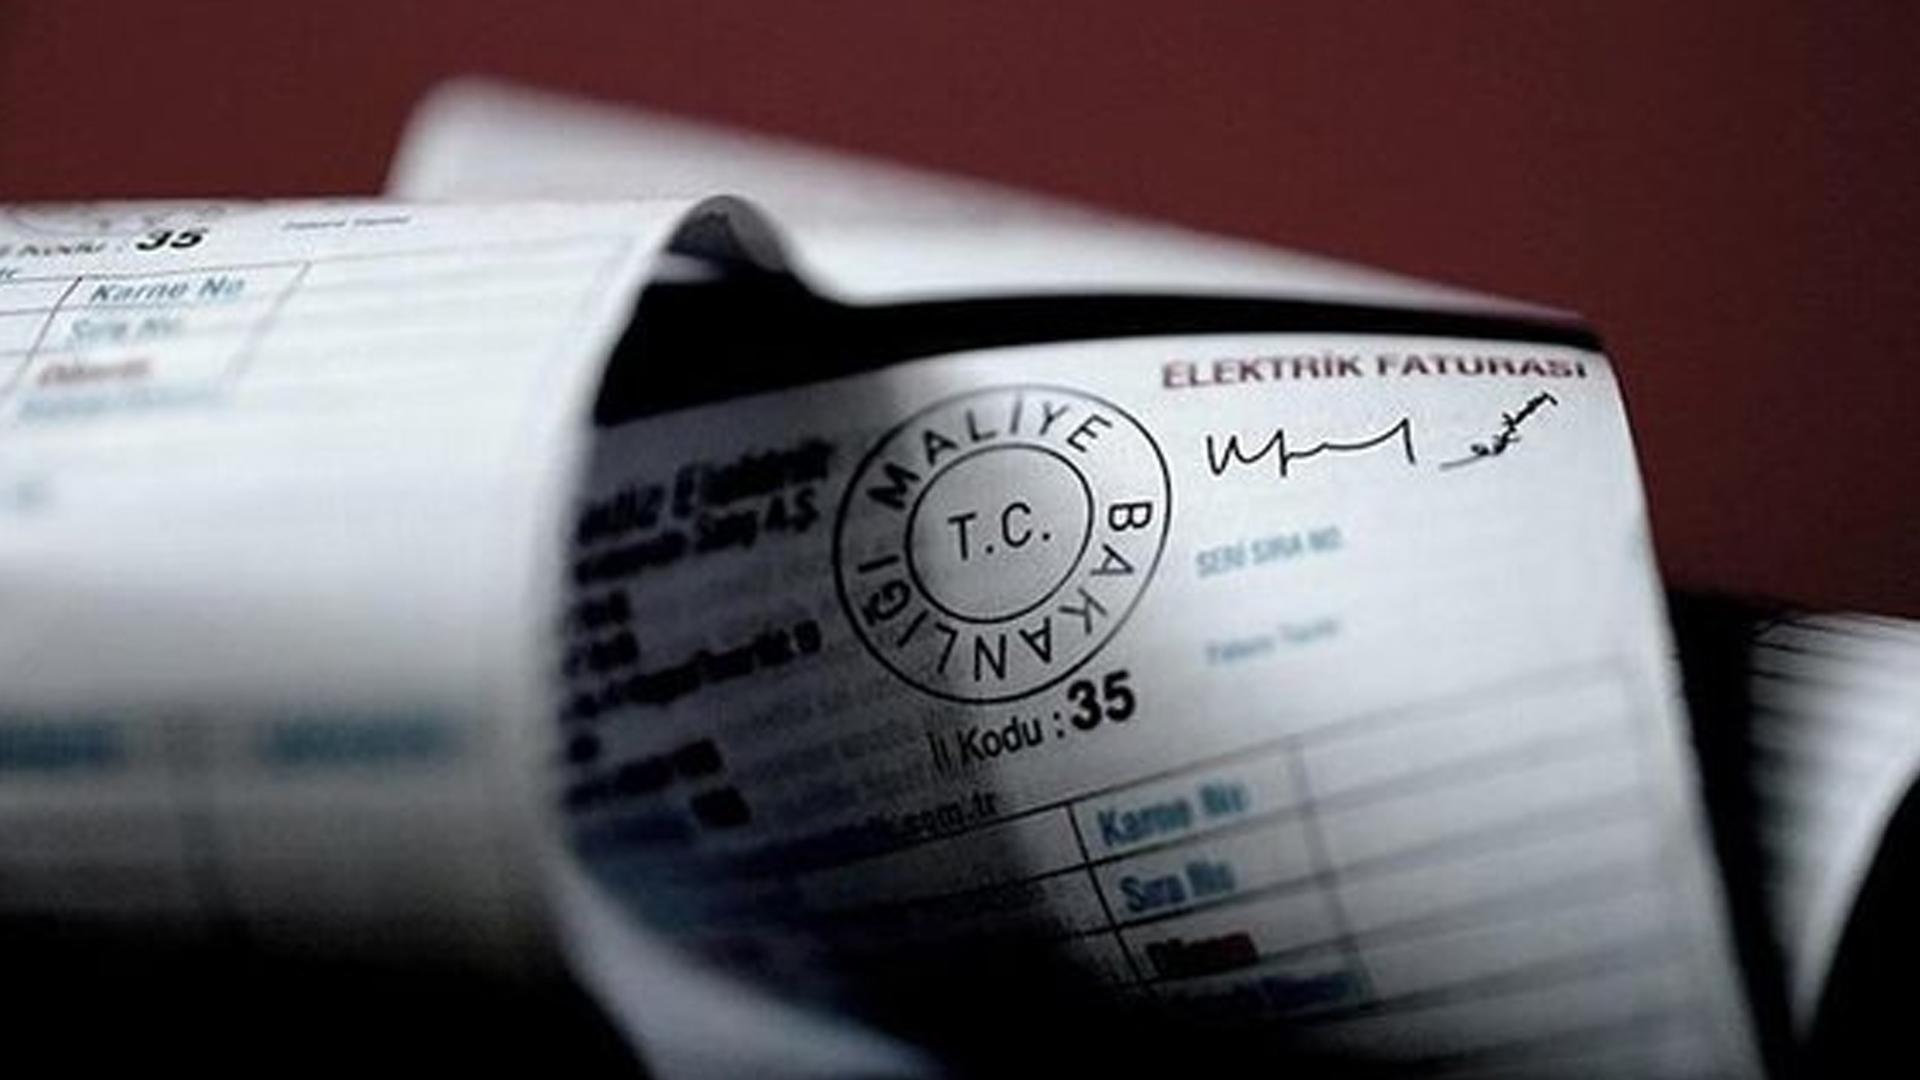 Elektrik faturaları sadeleştirilecek